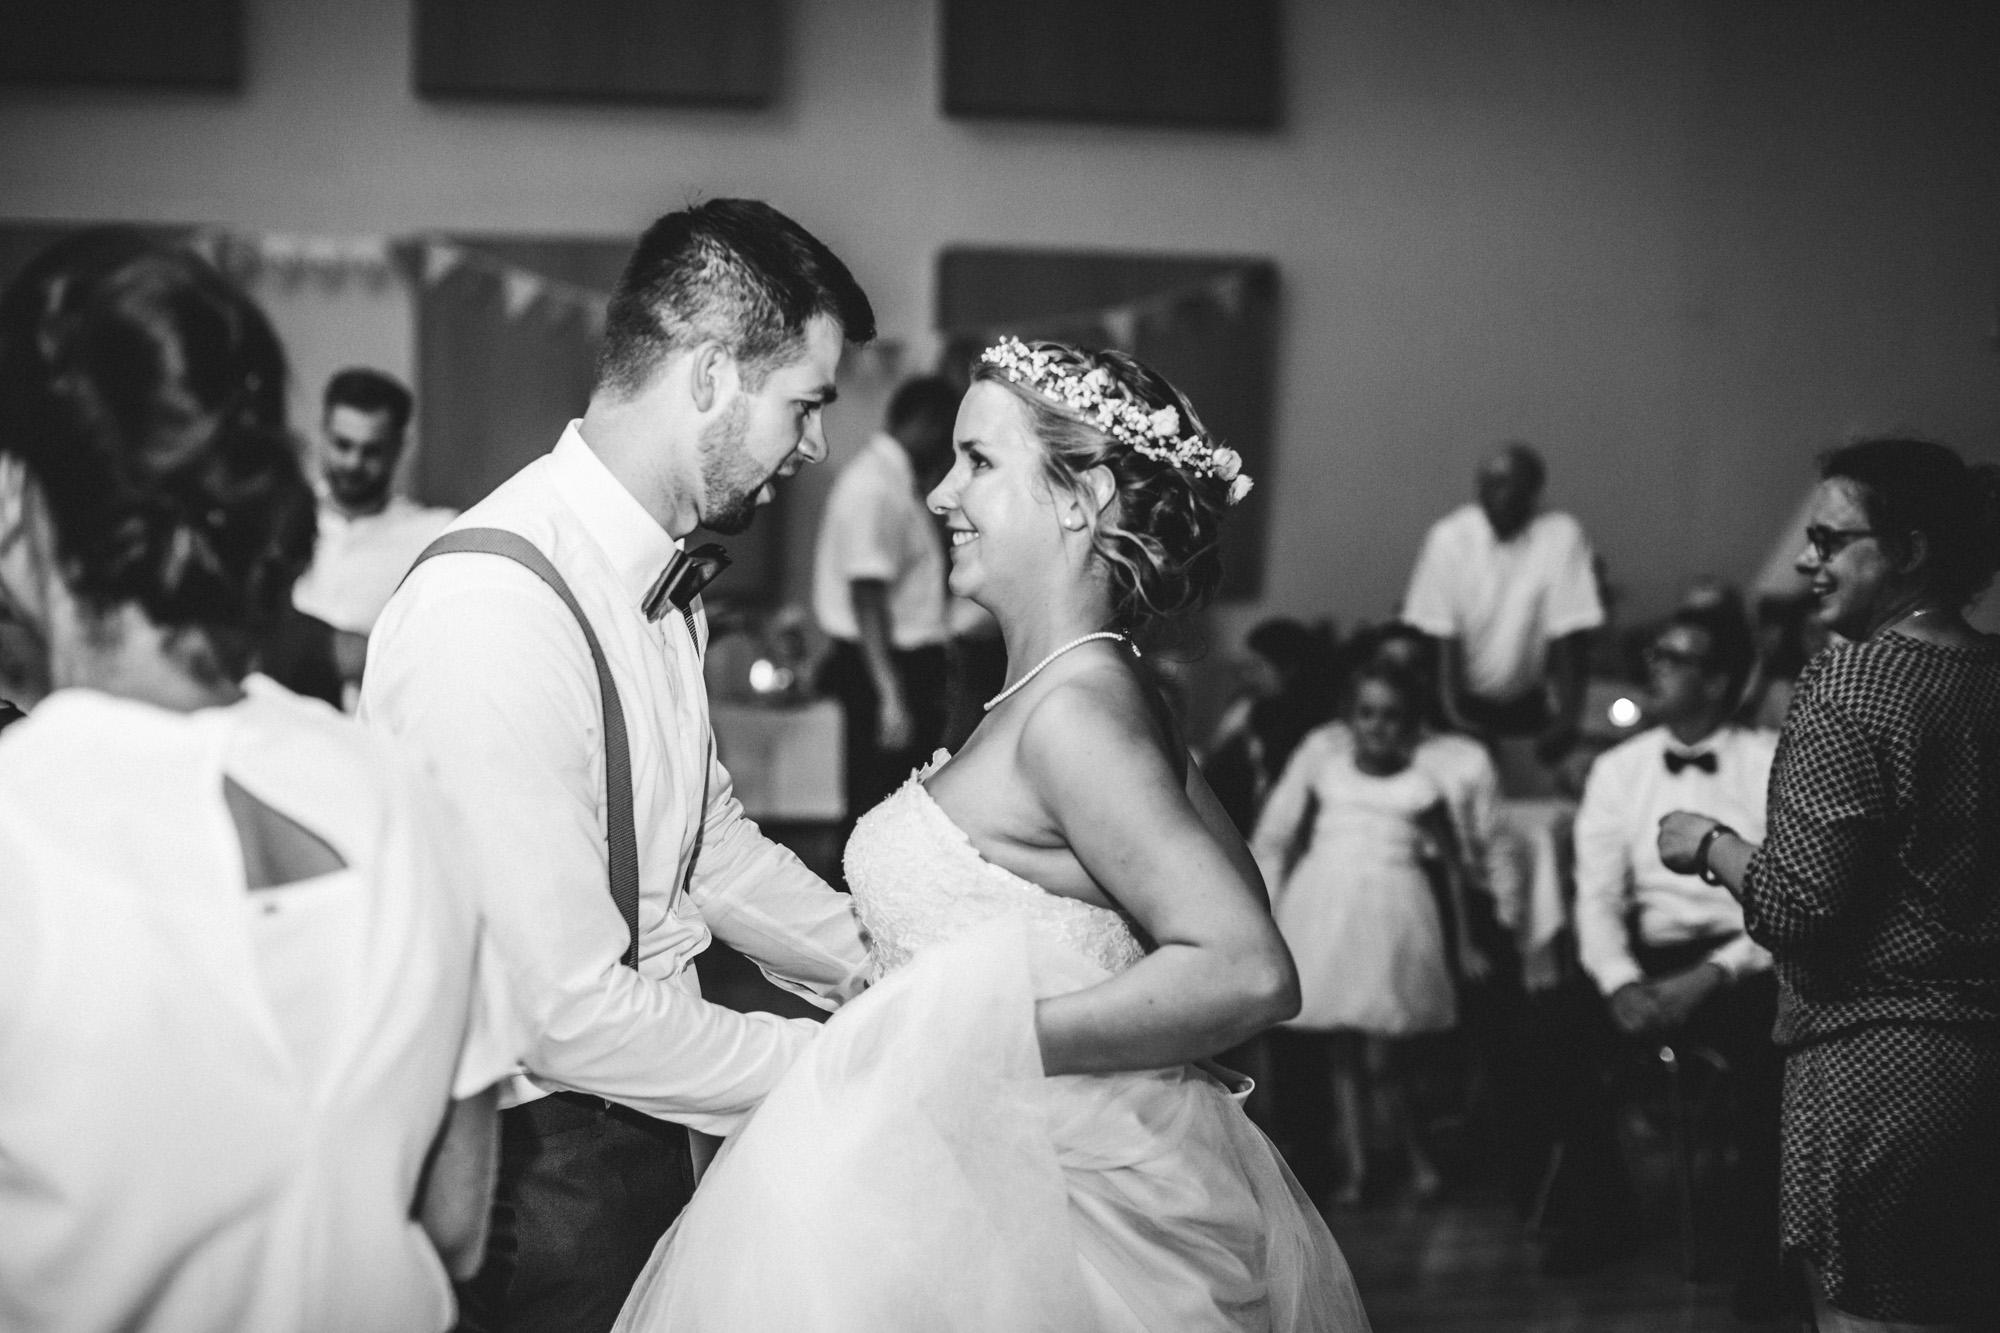 hannah und elias 697 - Schwarz-Weiß Hochzeit